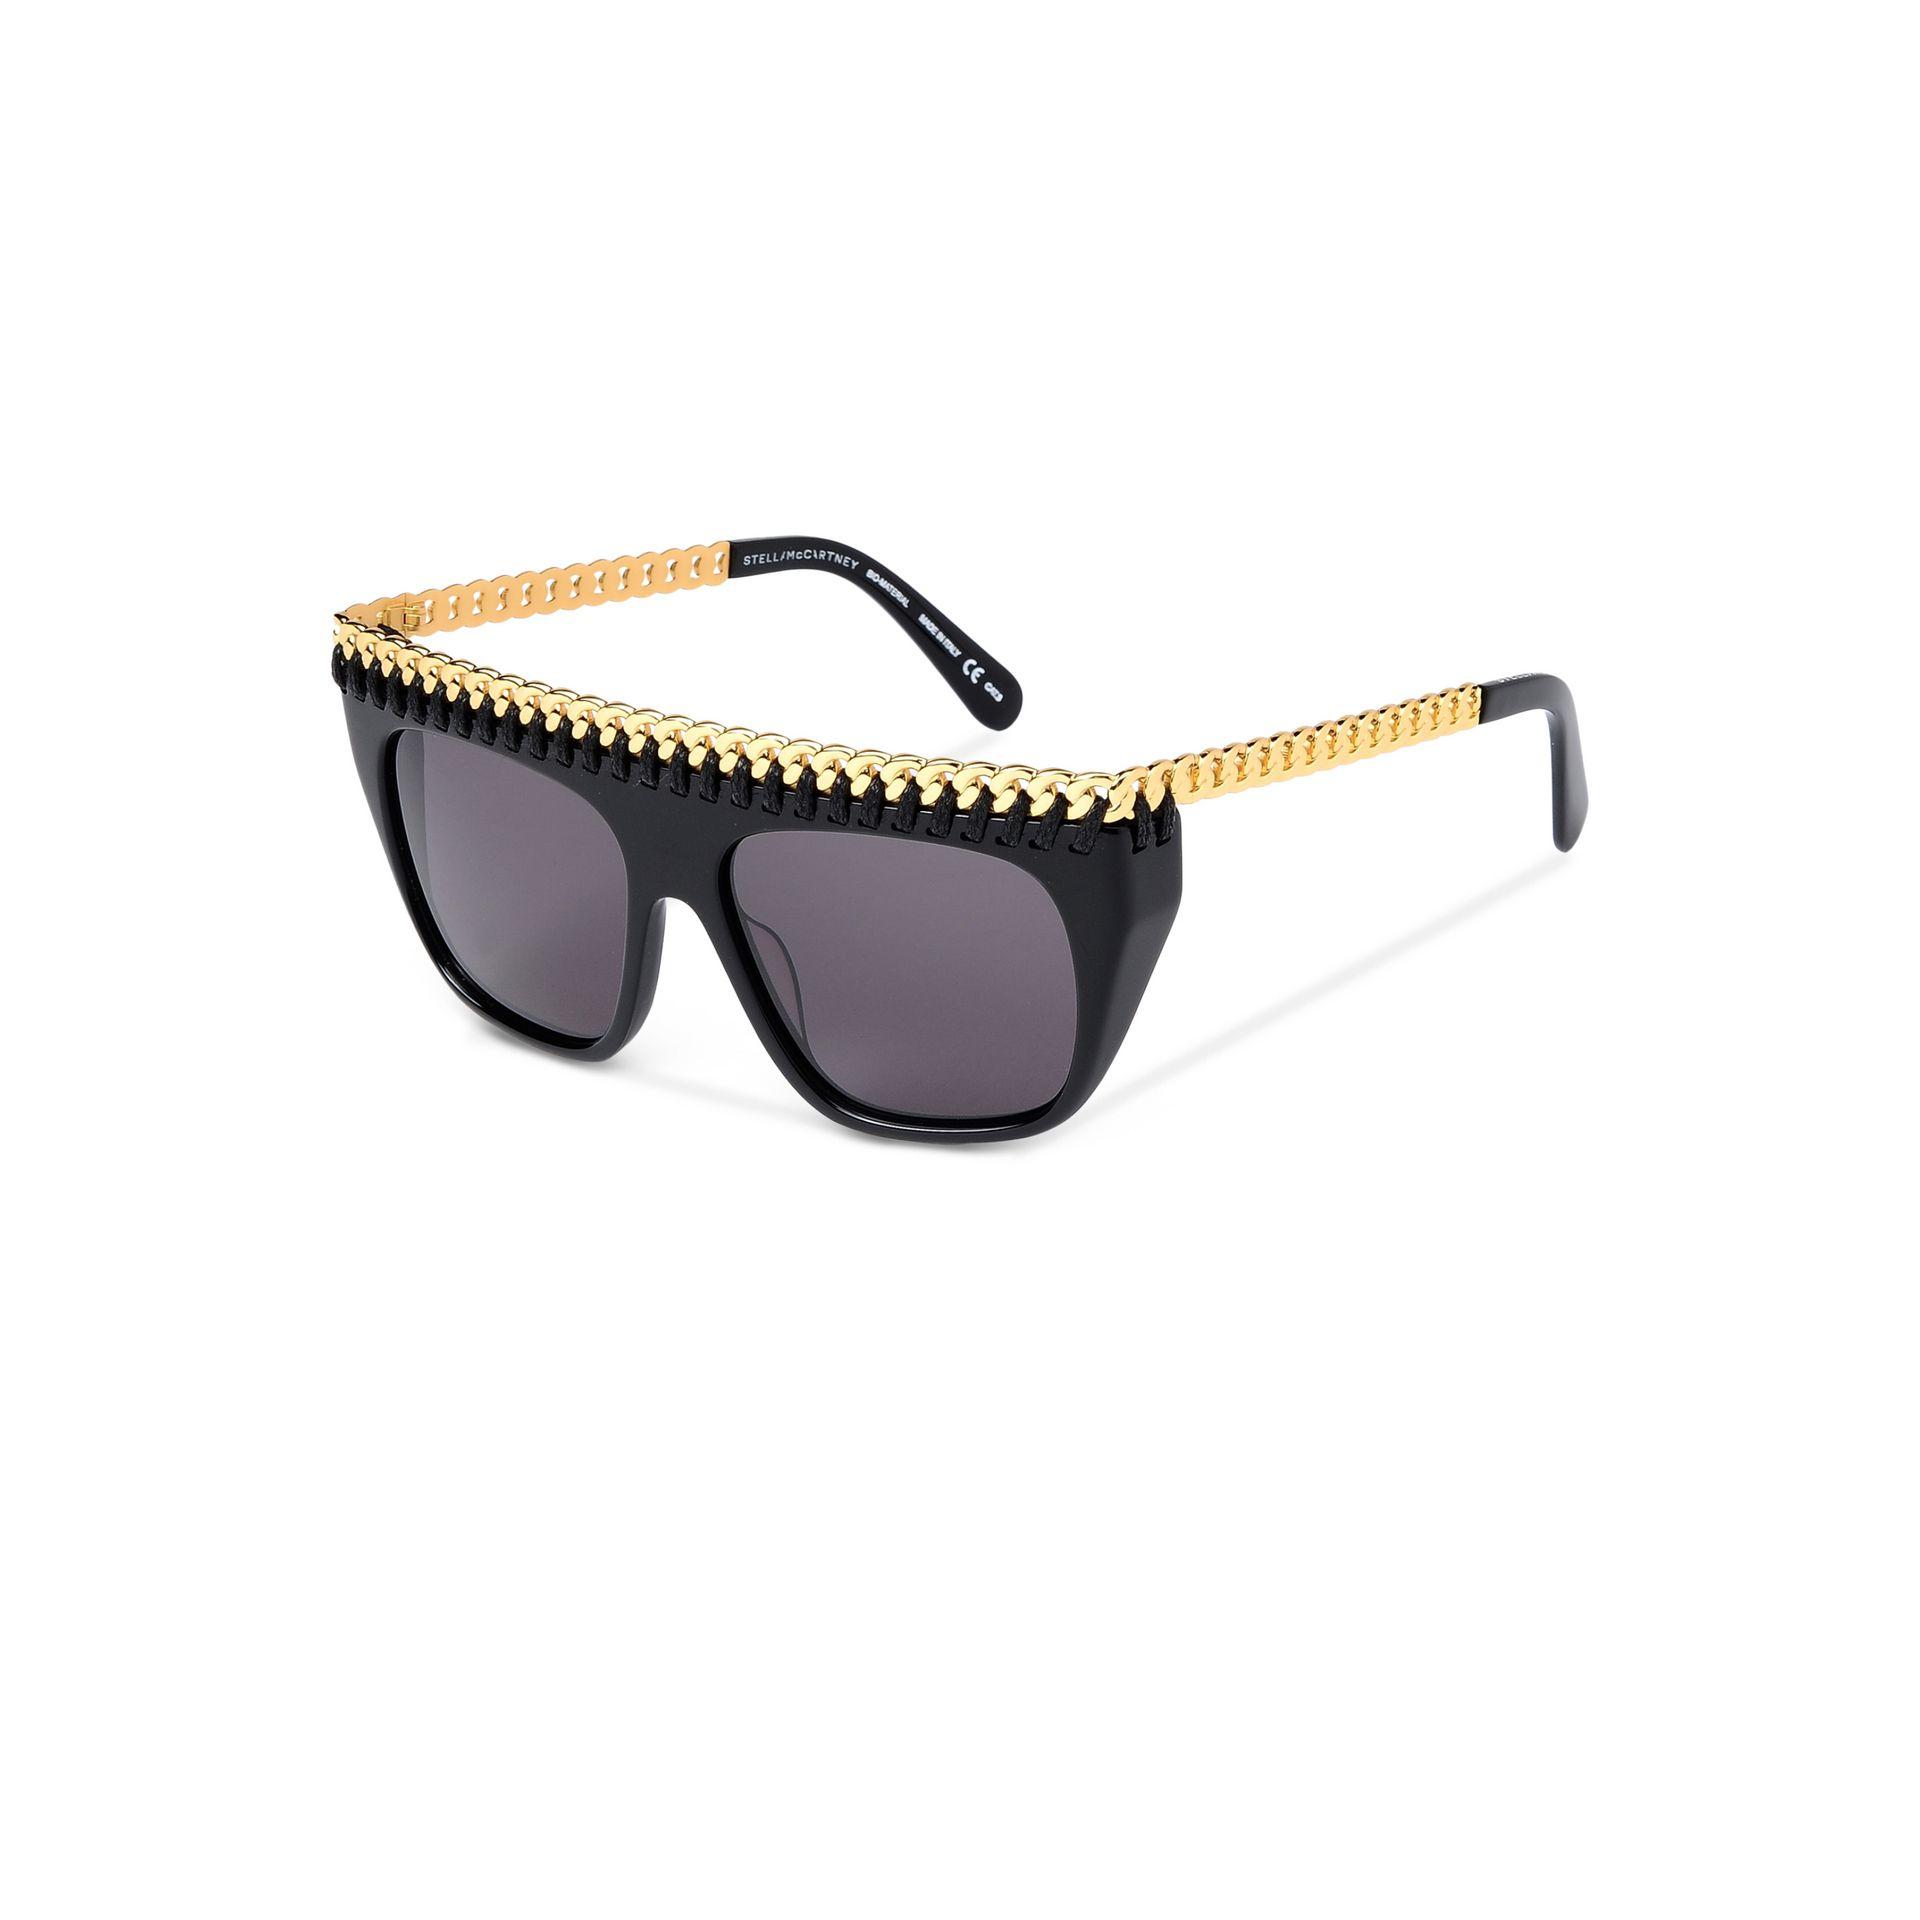 oversized chain sunglasses - Black Stella McCartney pSfM0beK